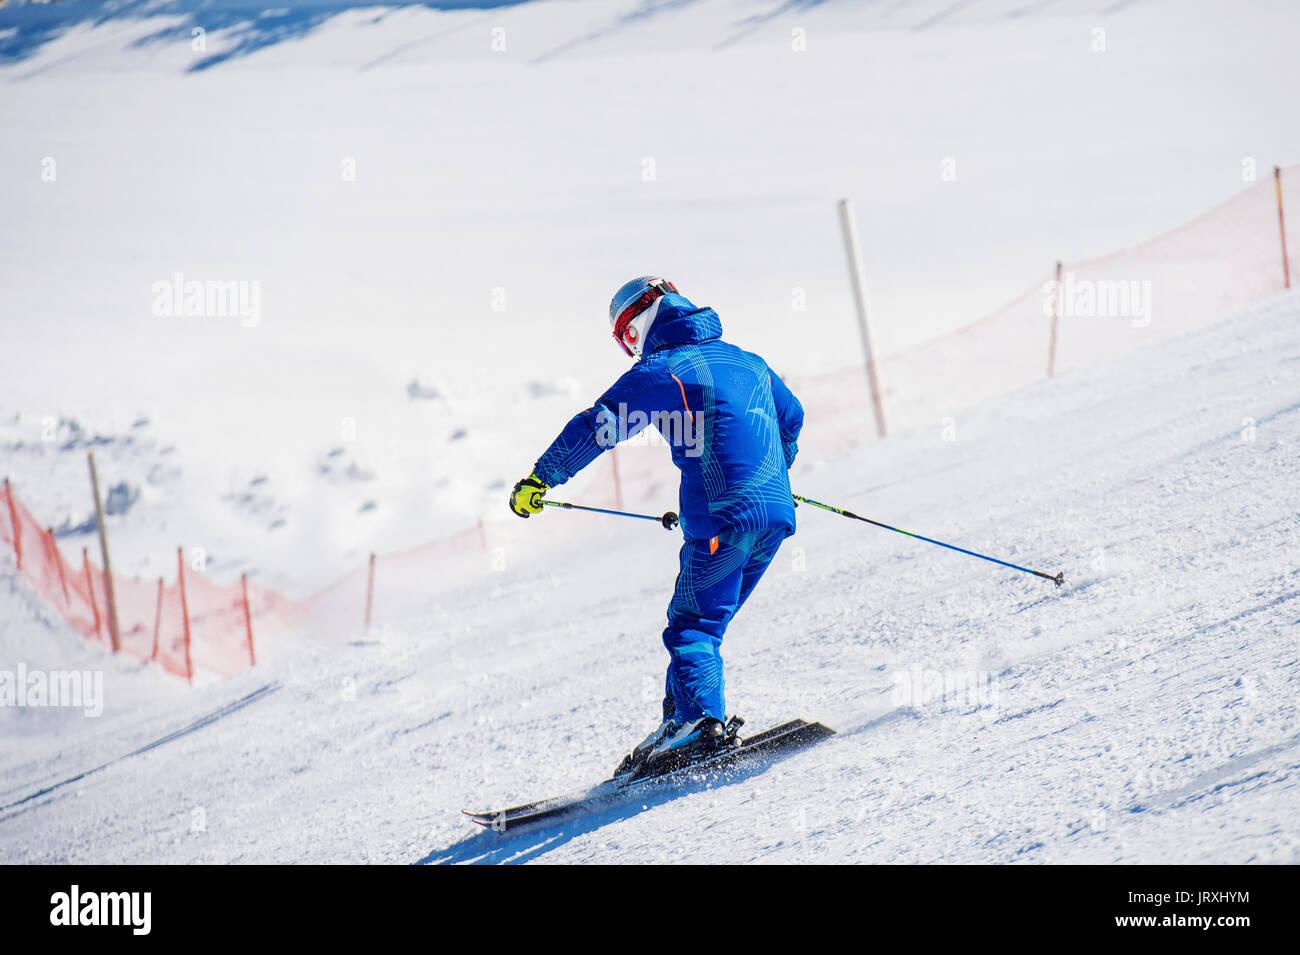 Skier skiing on Deogyusan Ski Resort in winter - Stock Image